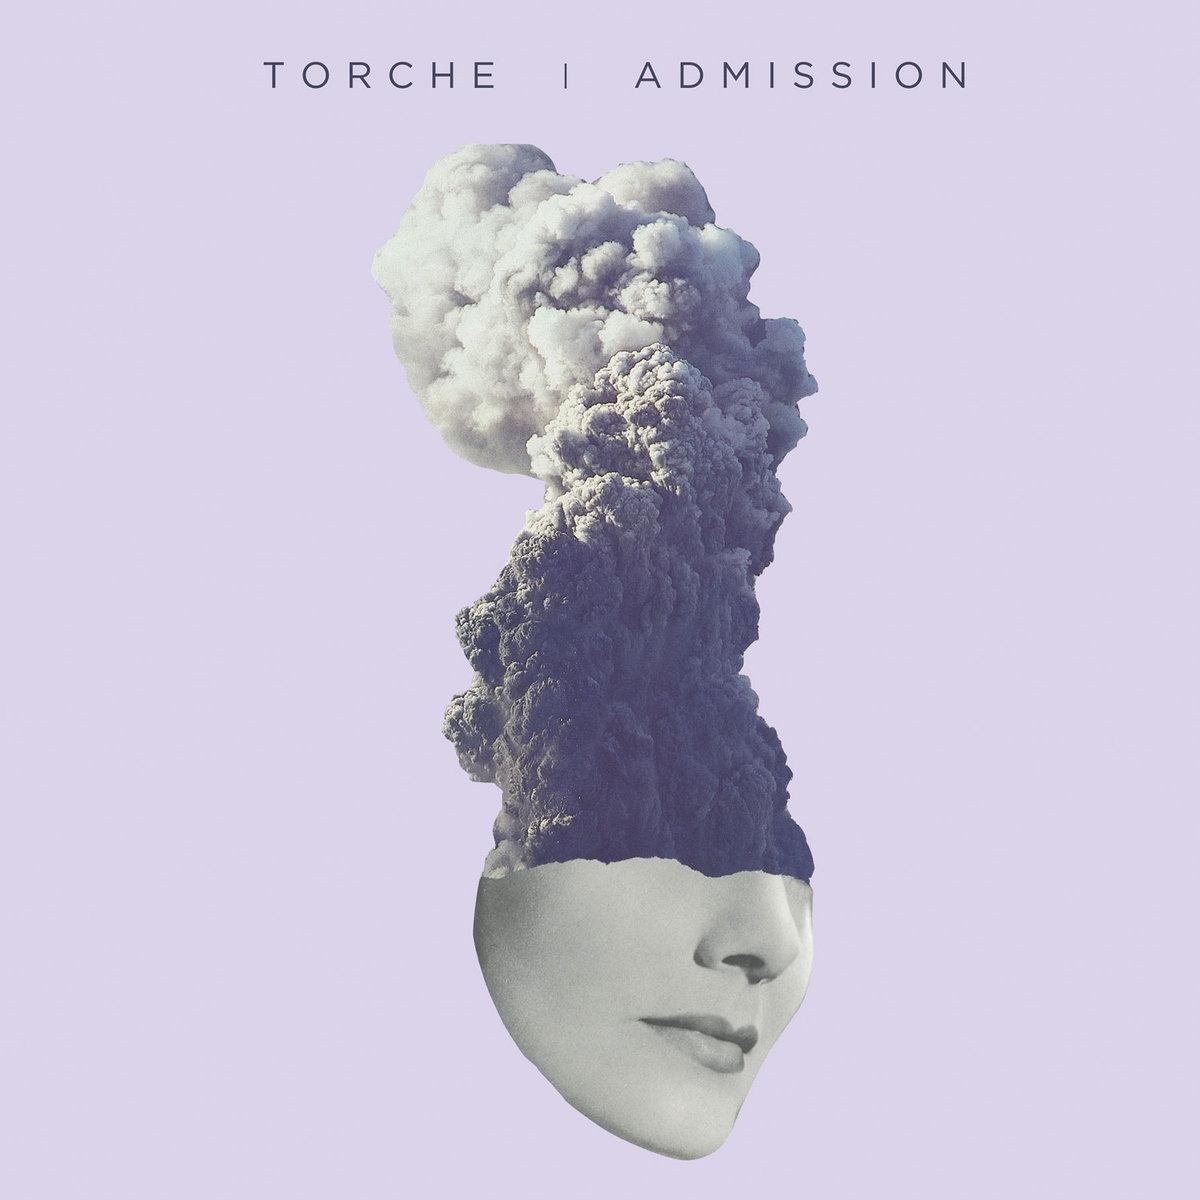 torche-admission.jpg